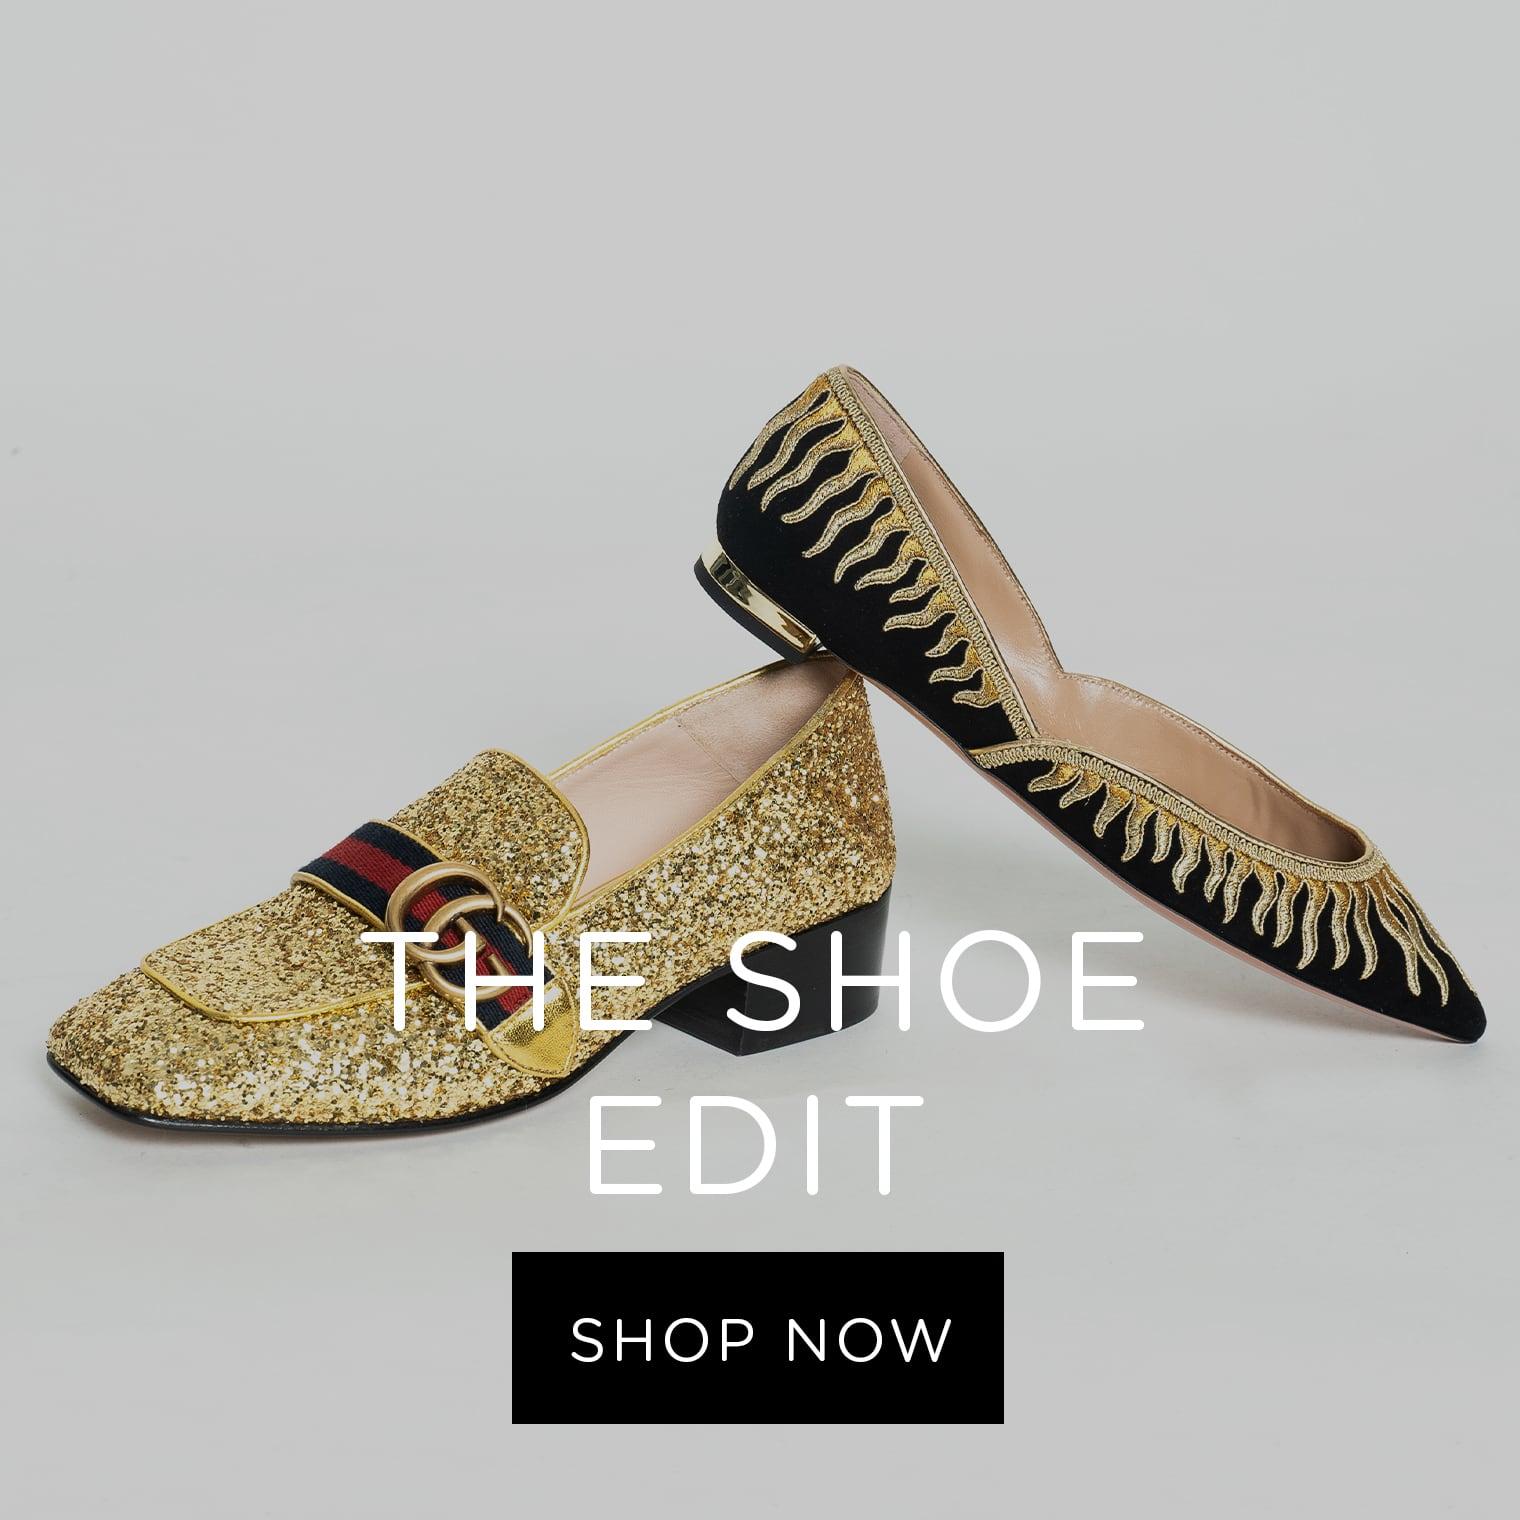 The Shoe Edit